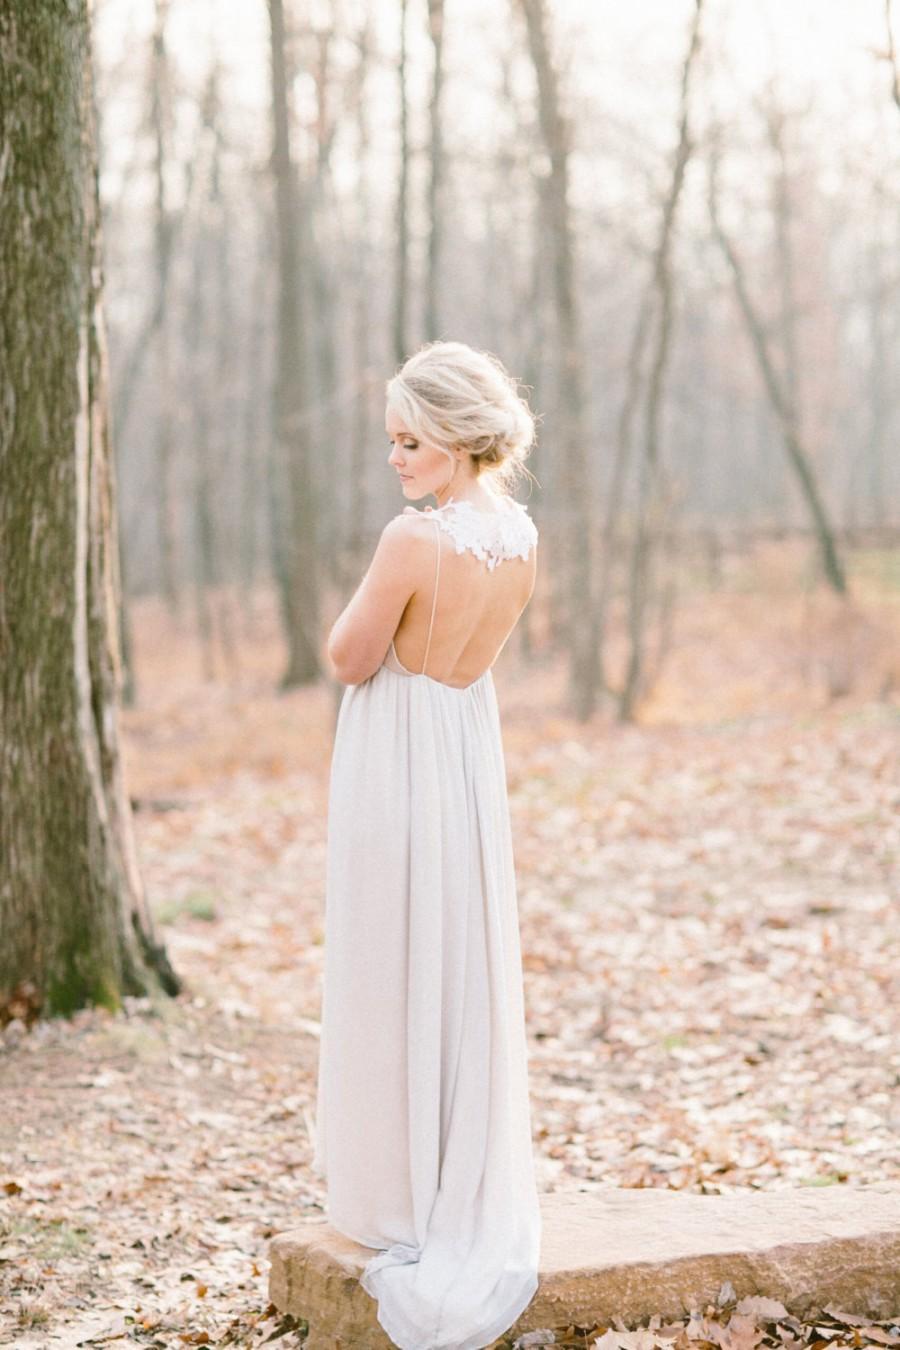 Low Back Chiffon Wedding Dress, Silk Chiffon And Lace Wedding Gown ...